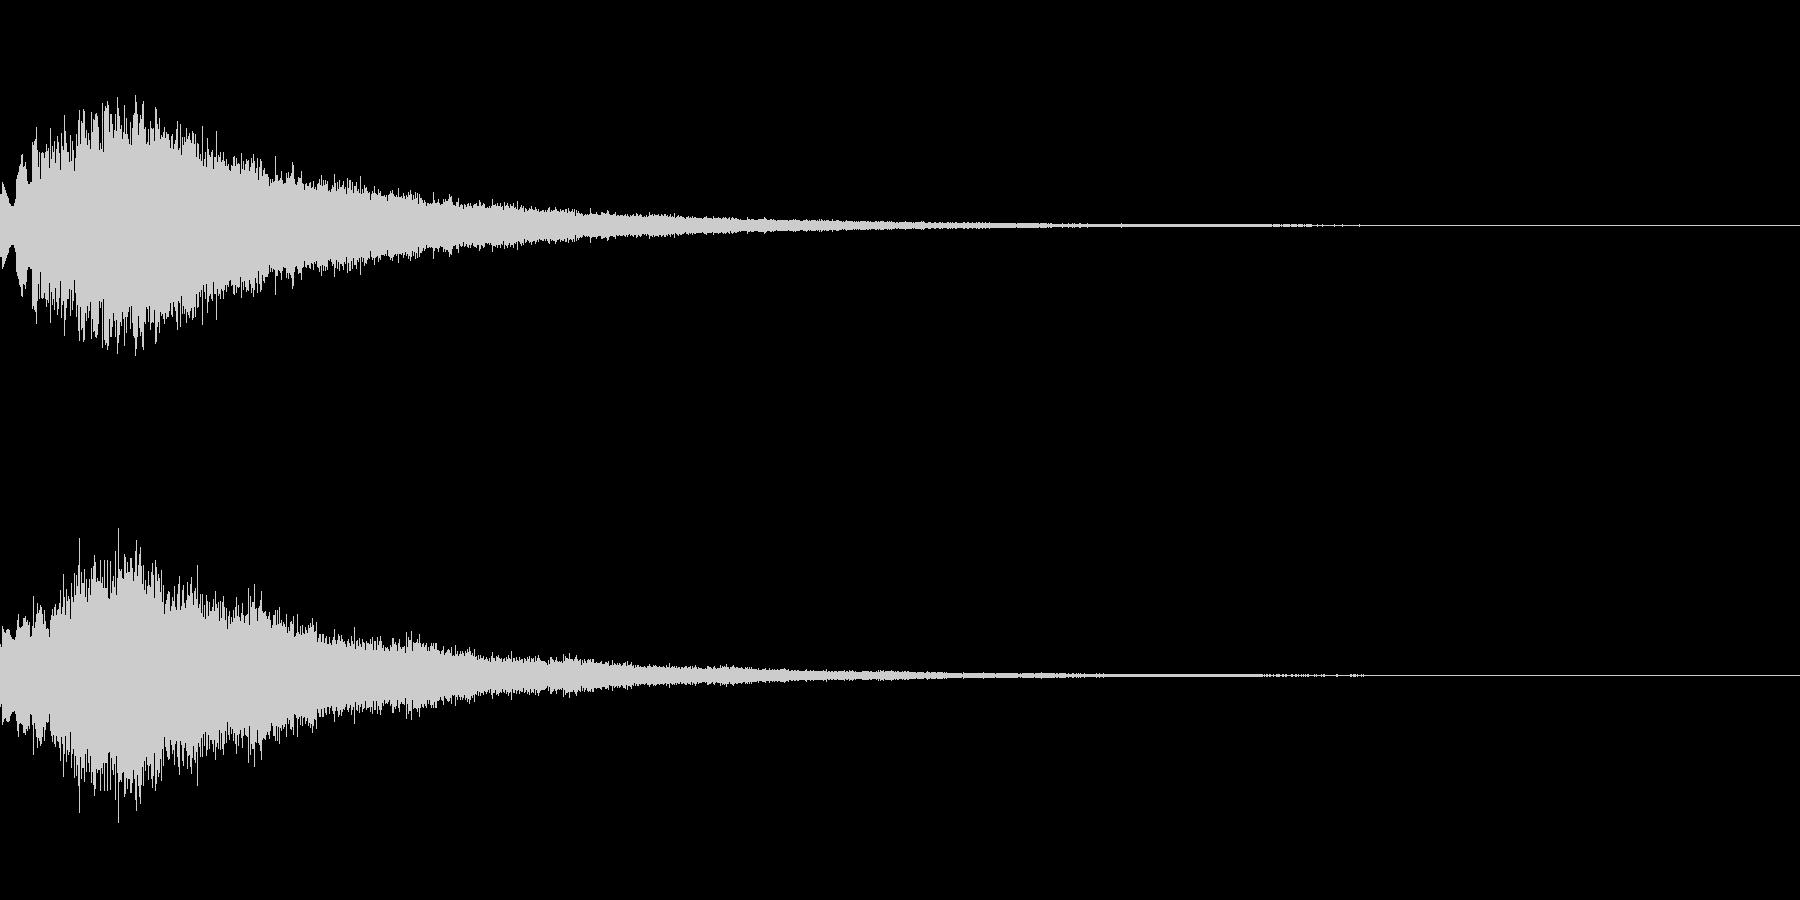 キラキラ シャララーン アイキャッチ02の未再生の波形